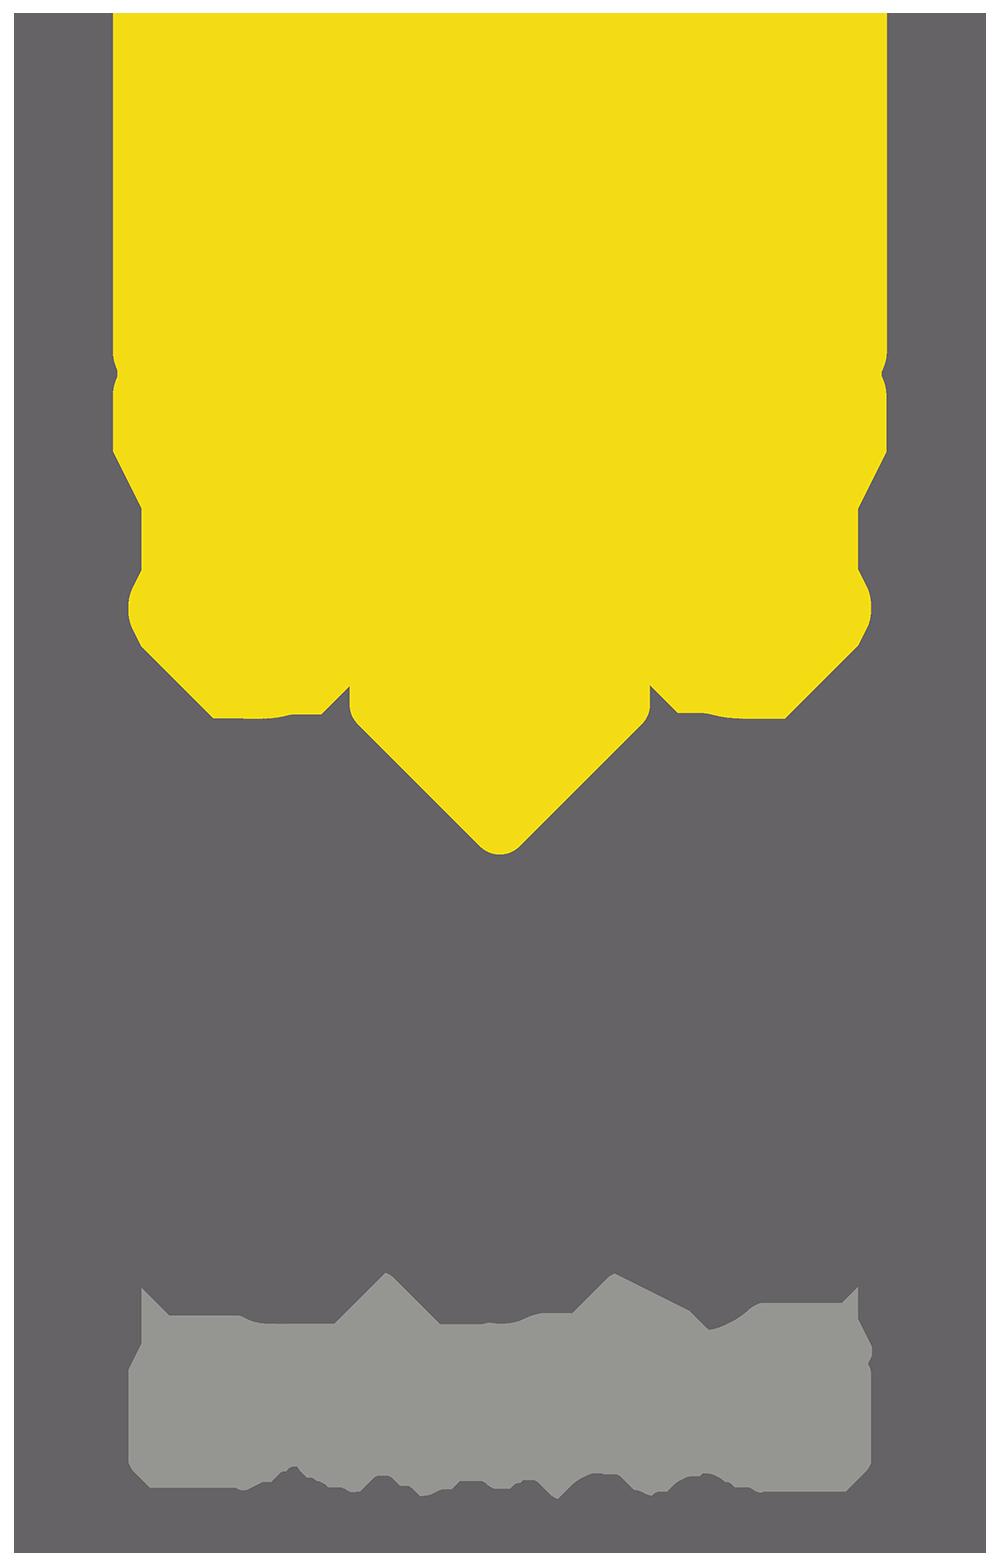 Iyi Parti Logosu Tum Varyasyonlari Ile Illustrator Ai Dosyasi Logo Tasarimi Logolar Parti